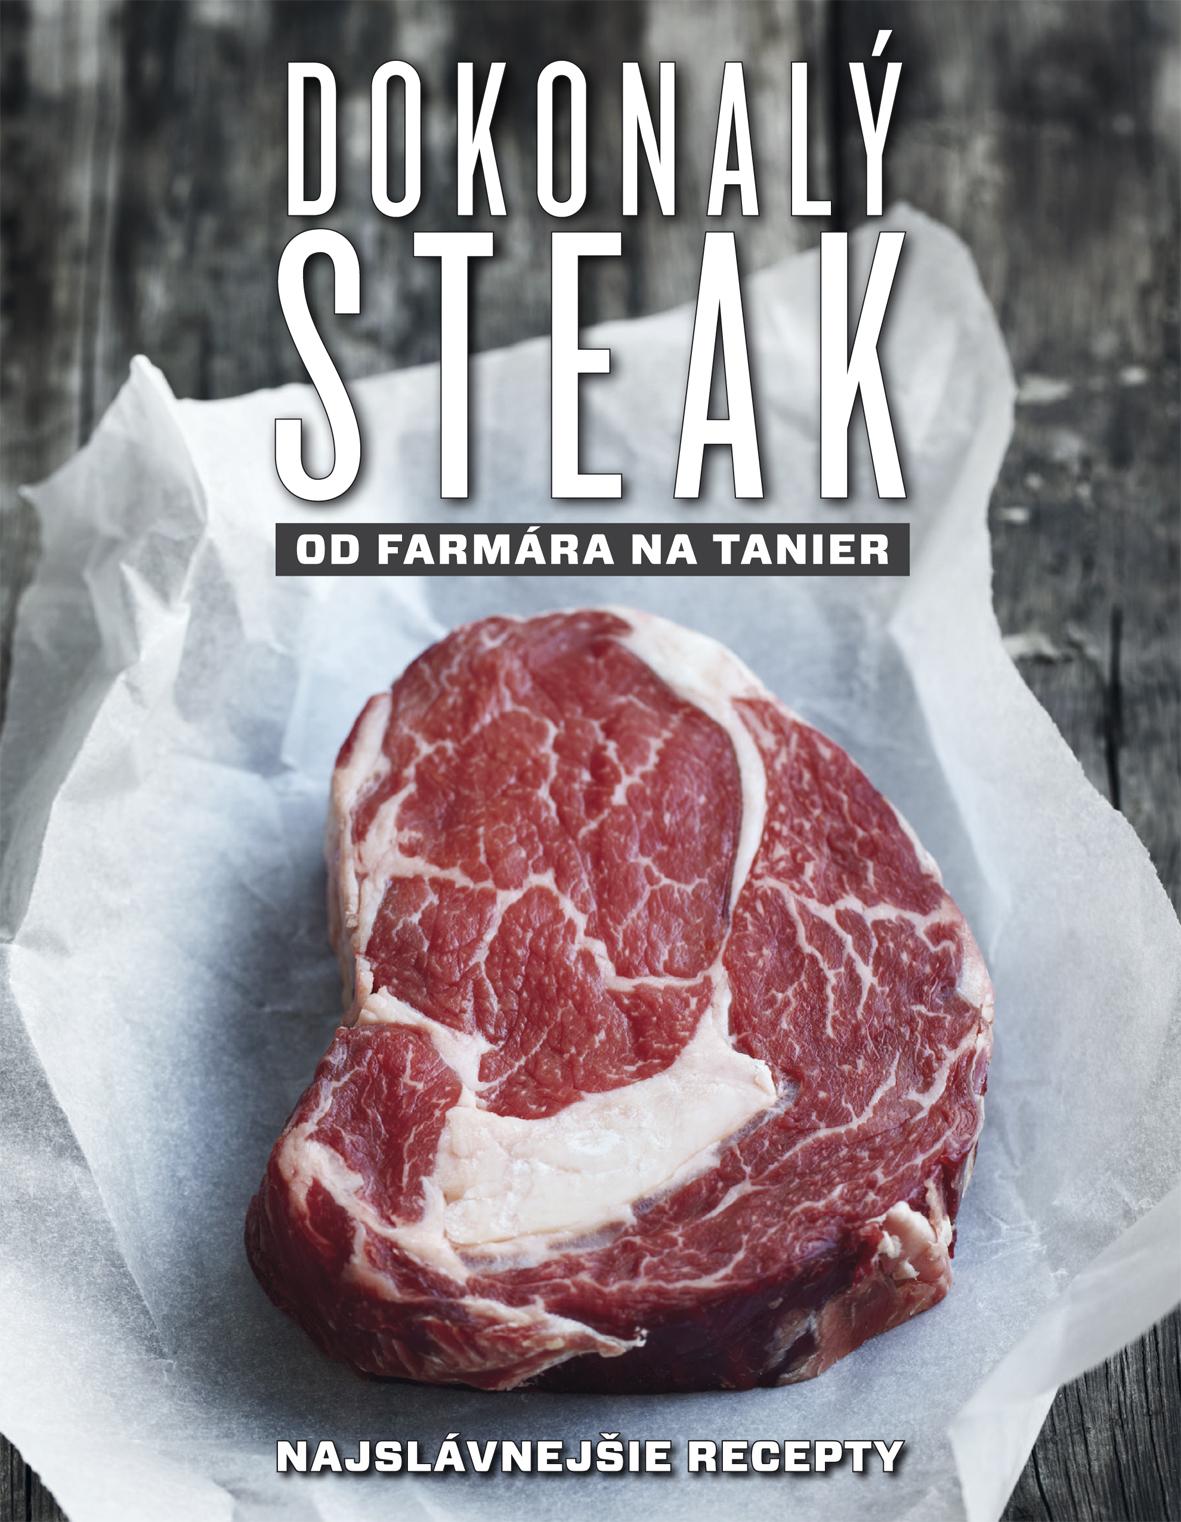 Dokonalý steak od farmára na tanier